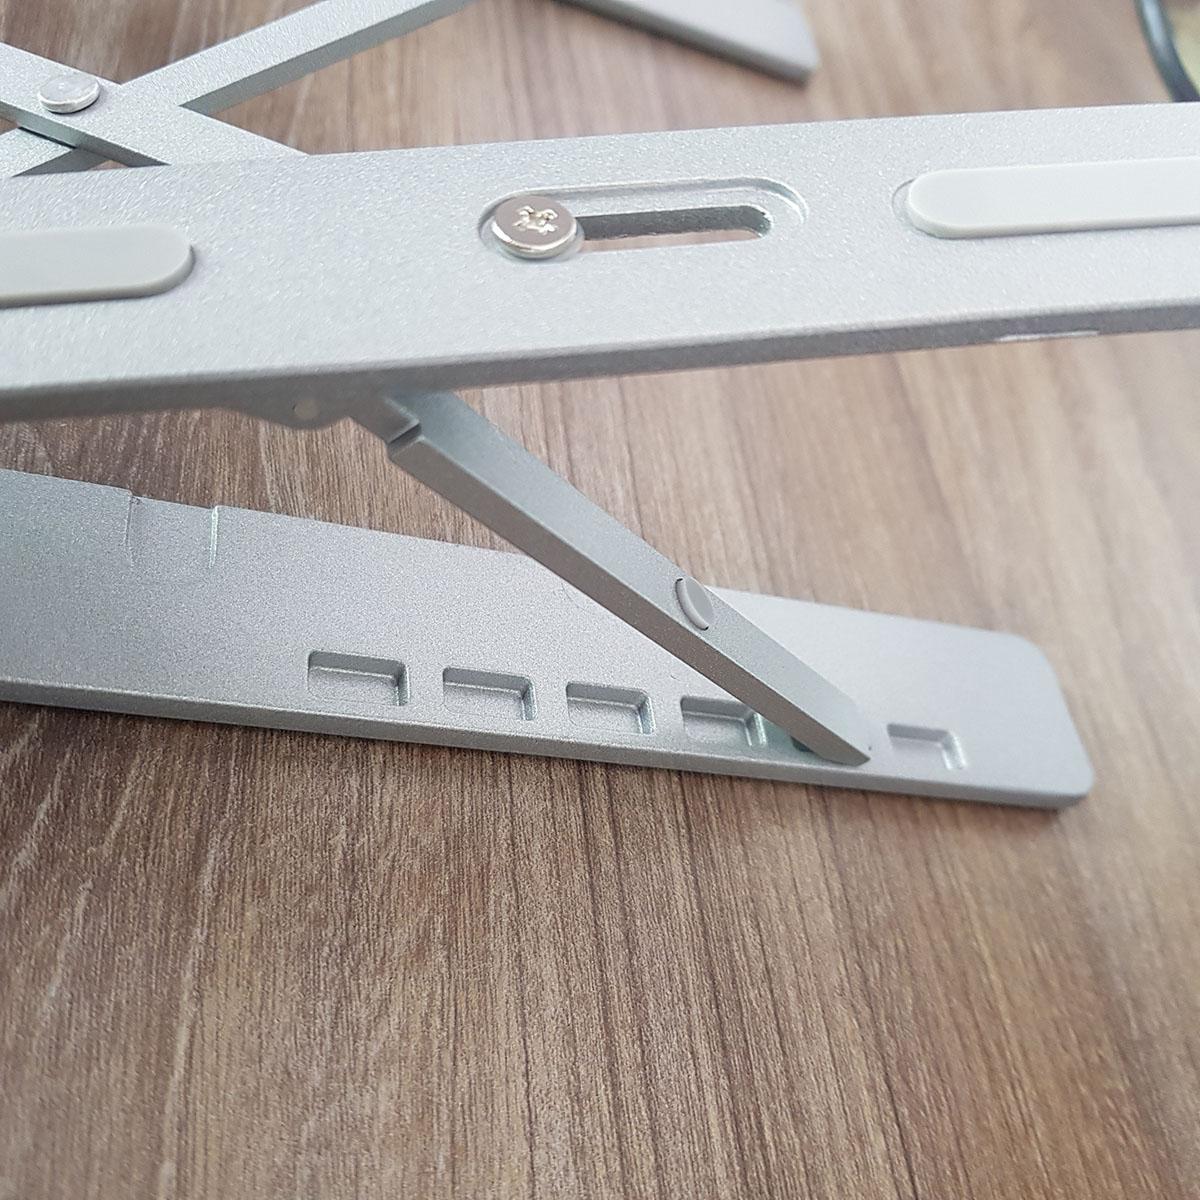 Giá đỡ nhôm LS501 cho laptop, macbook, surface với 2 thanh chịu lực